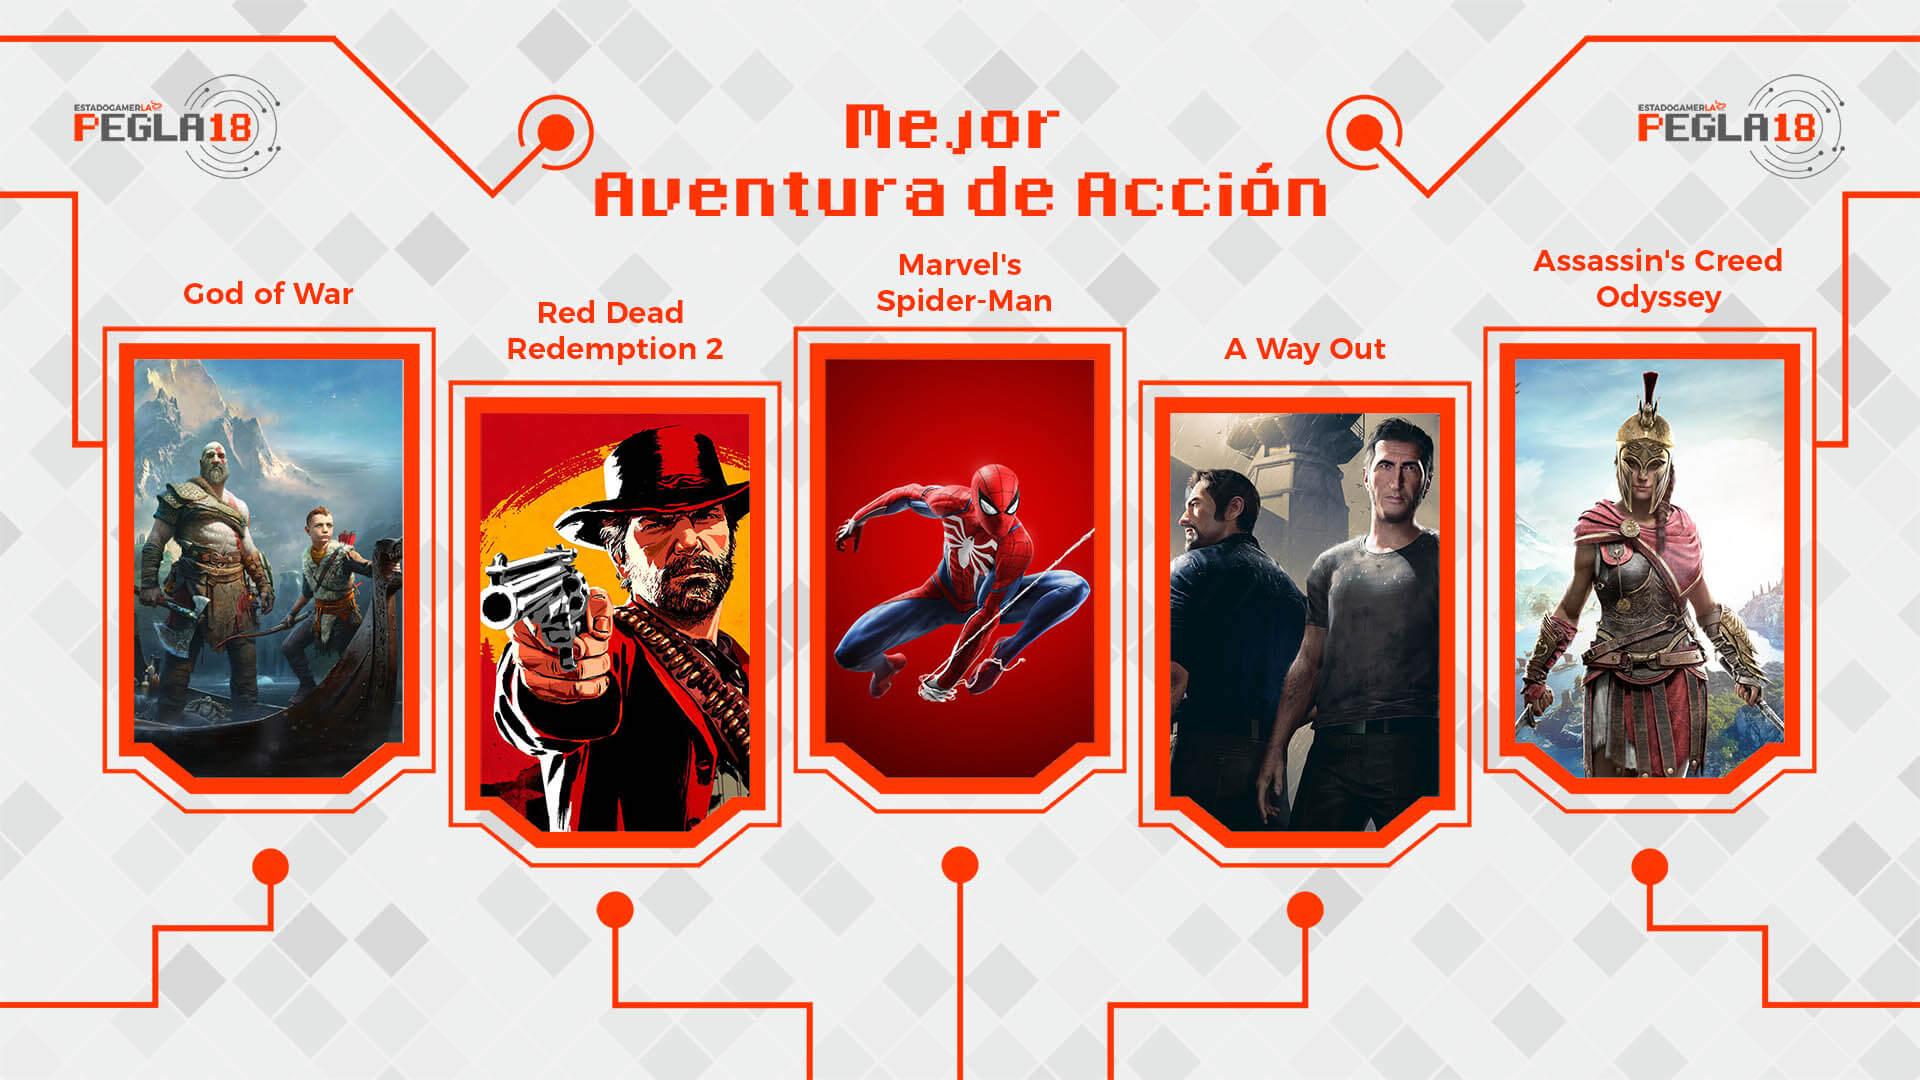 Premios EGLA 2018 Mejor Aventura de Accion